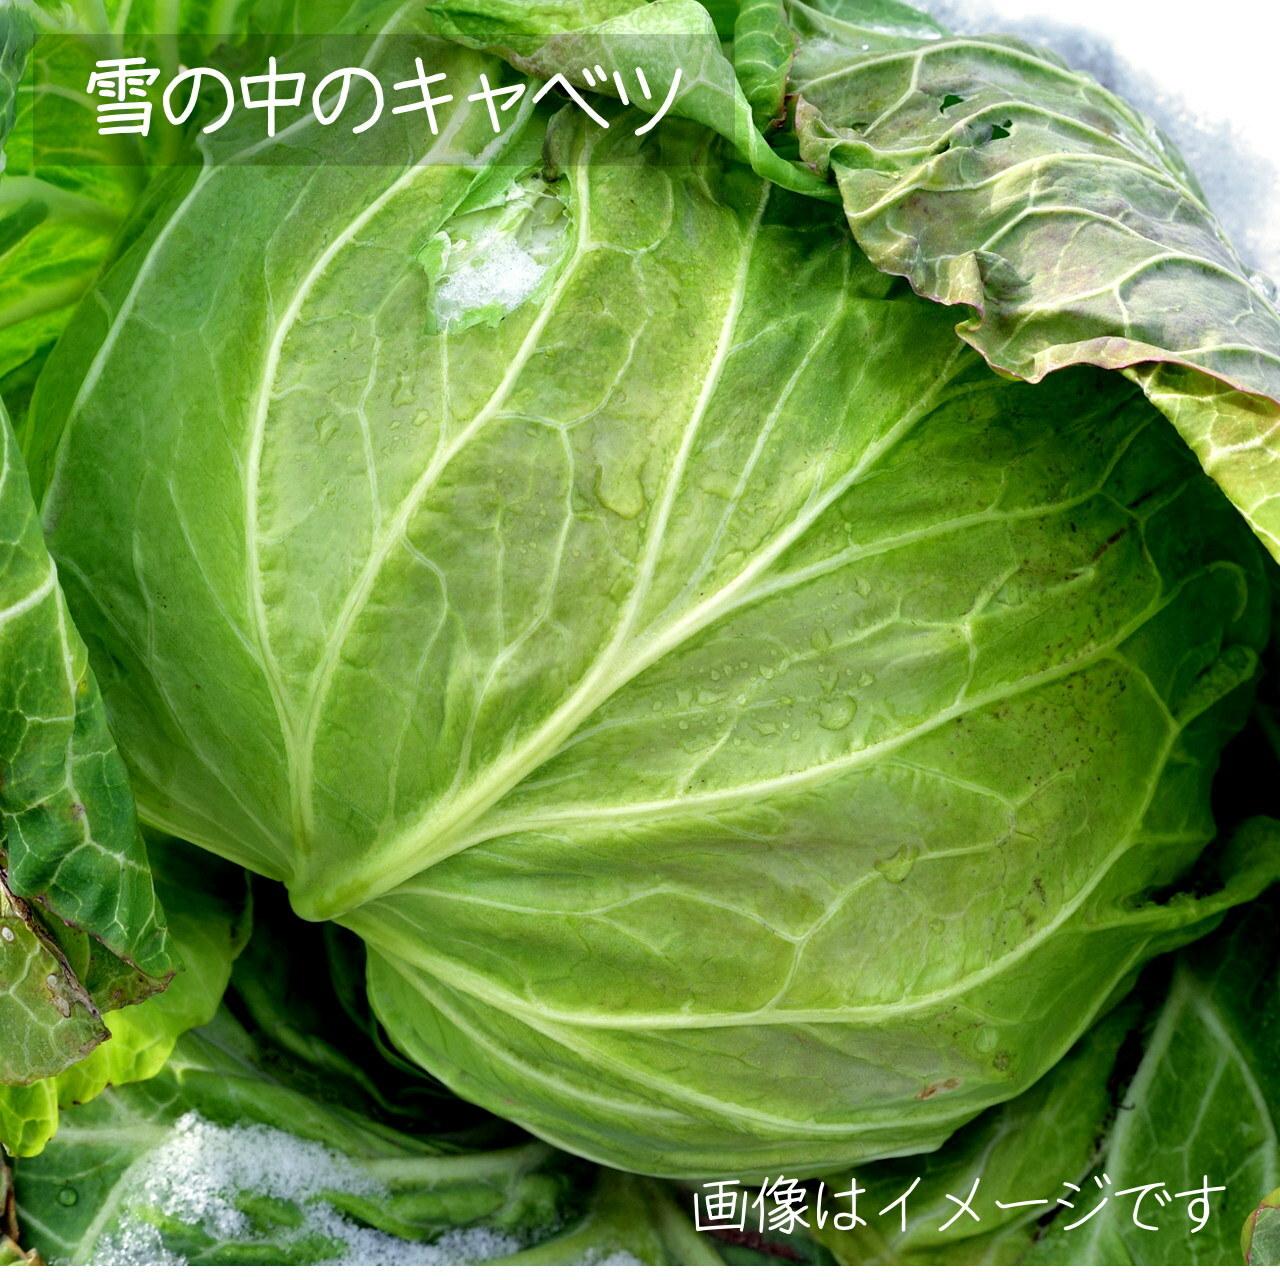 新鮮な夏野菜 : キャベツ 1個 8月の朝採り直売野菜 8月31日発送予定